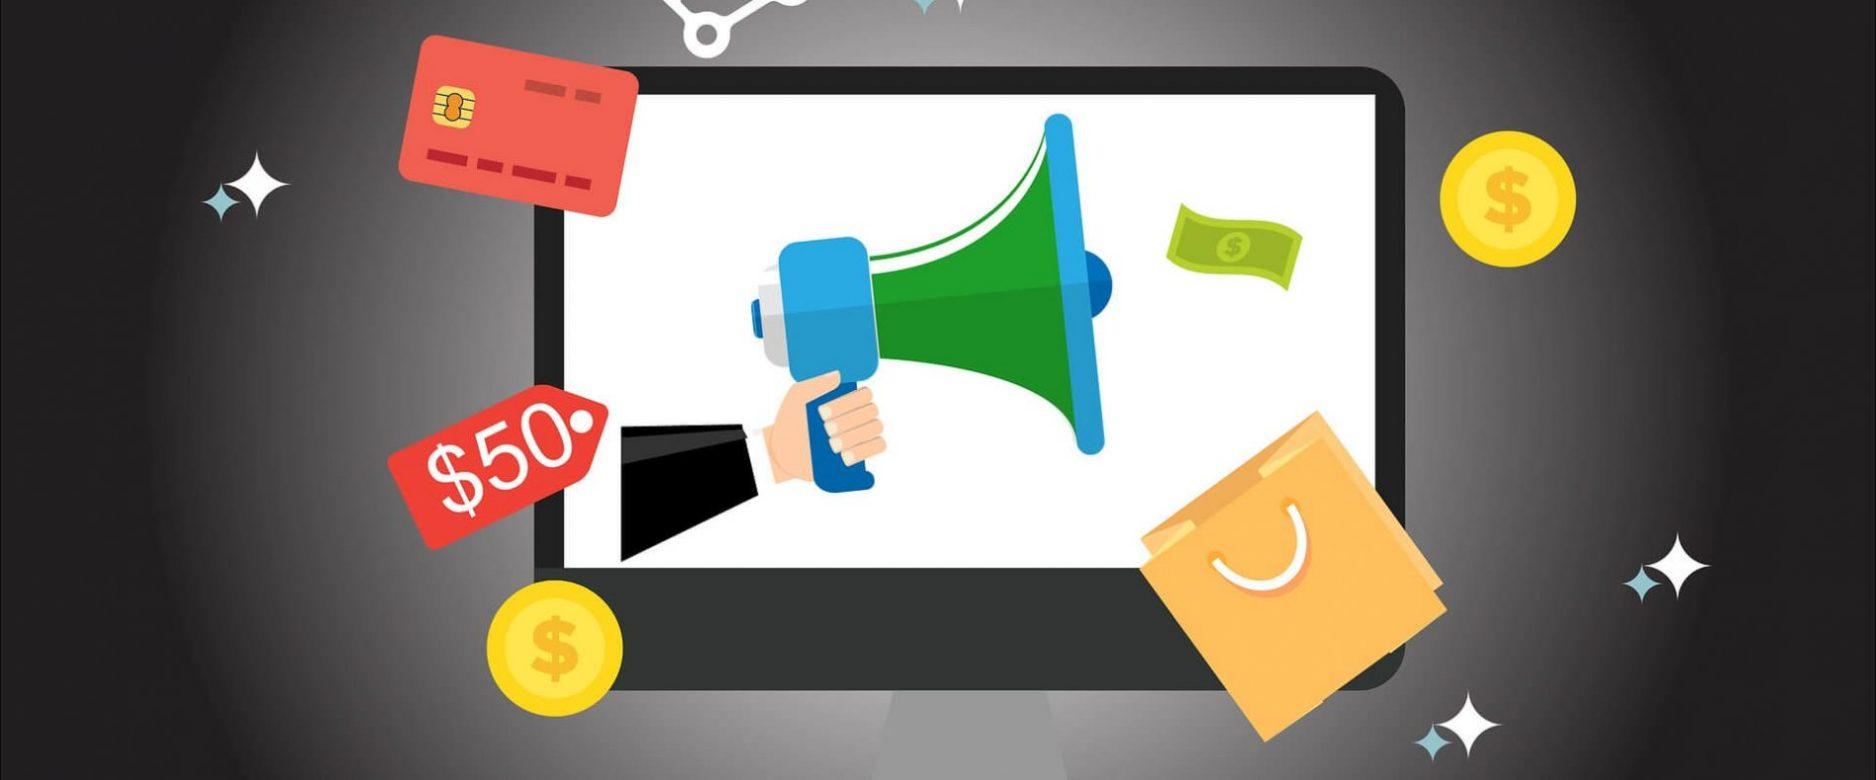 Thuế bán hàng online bao gồm những loại Thuế gì?